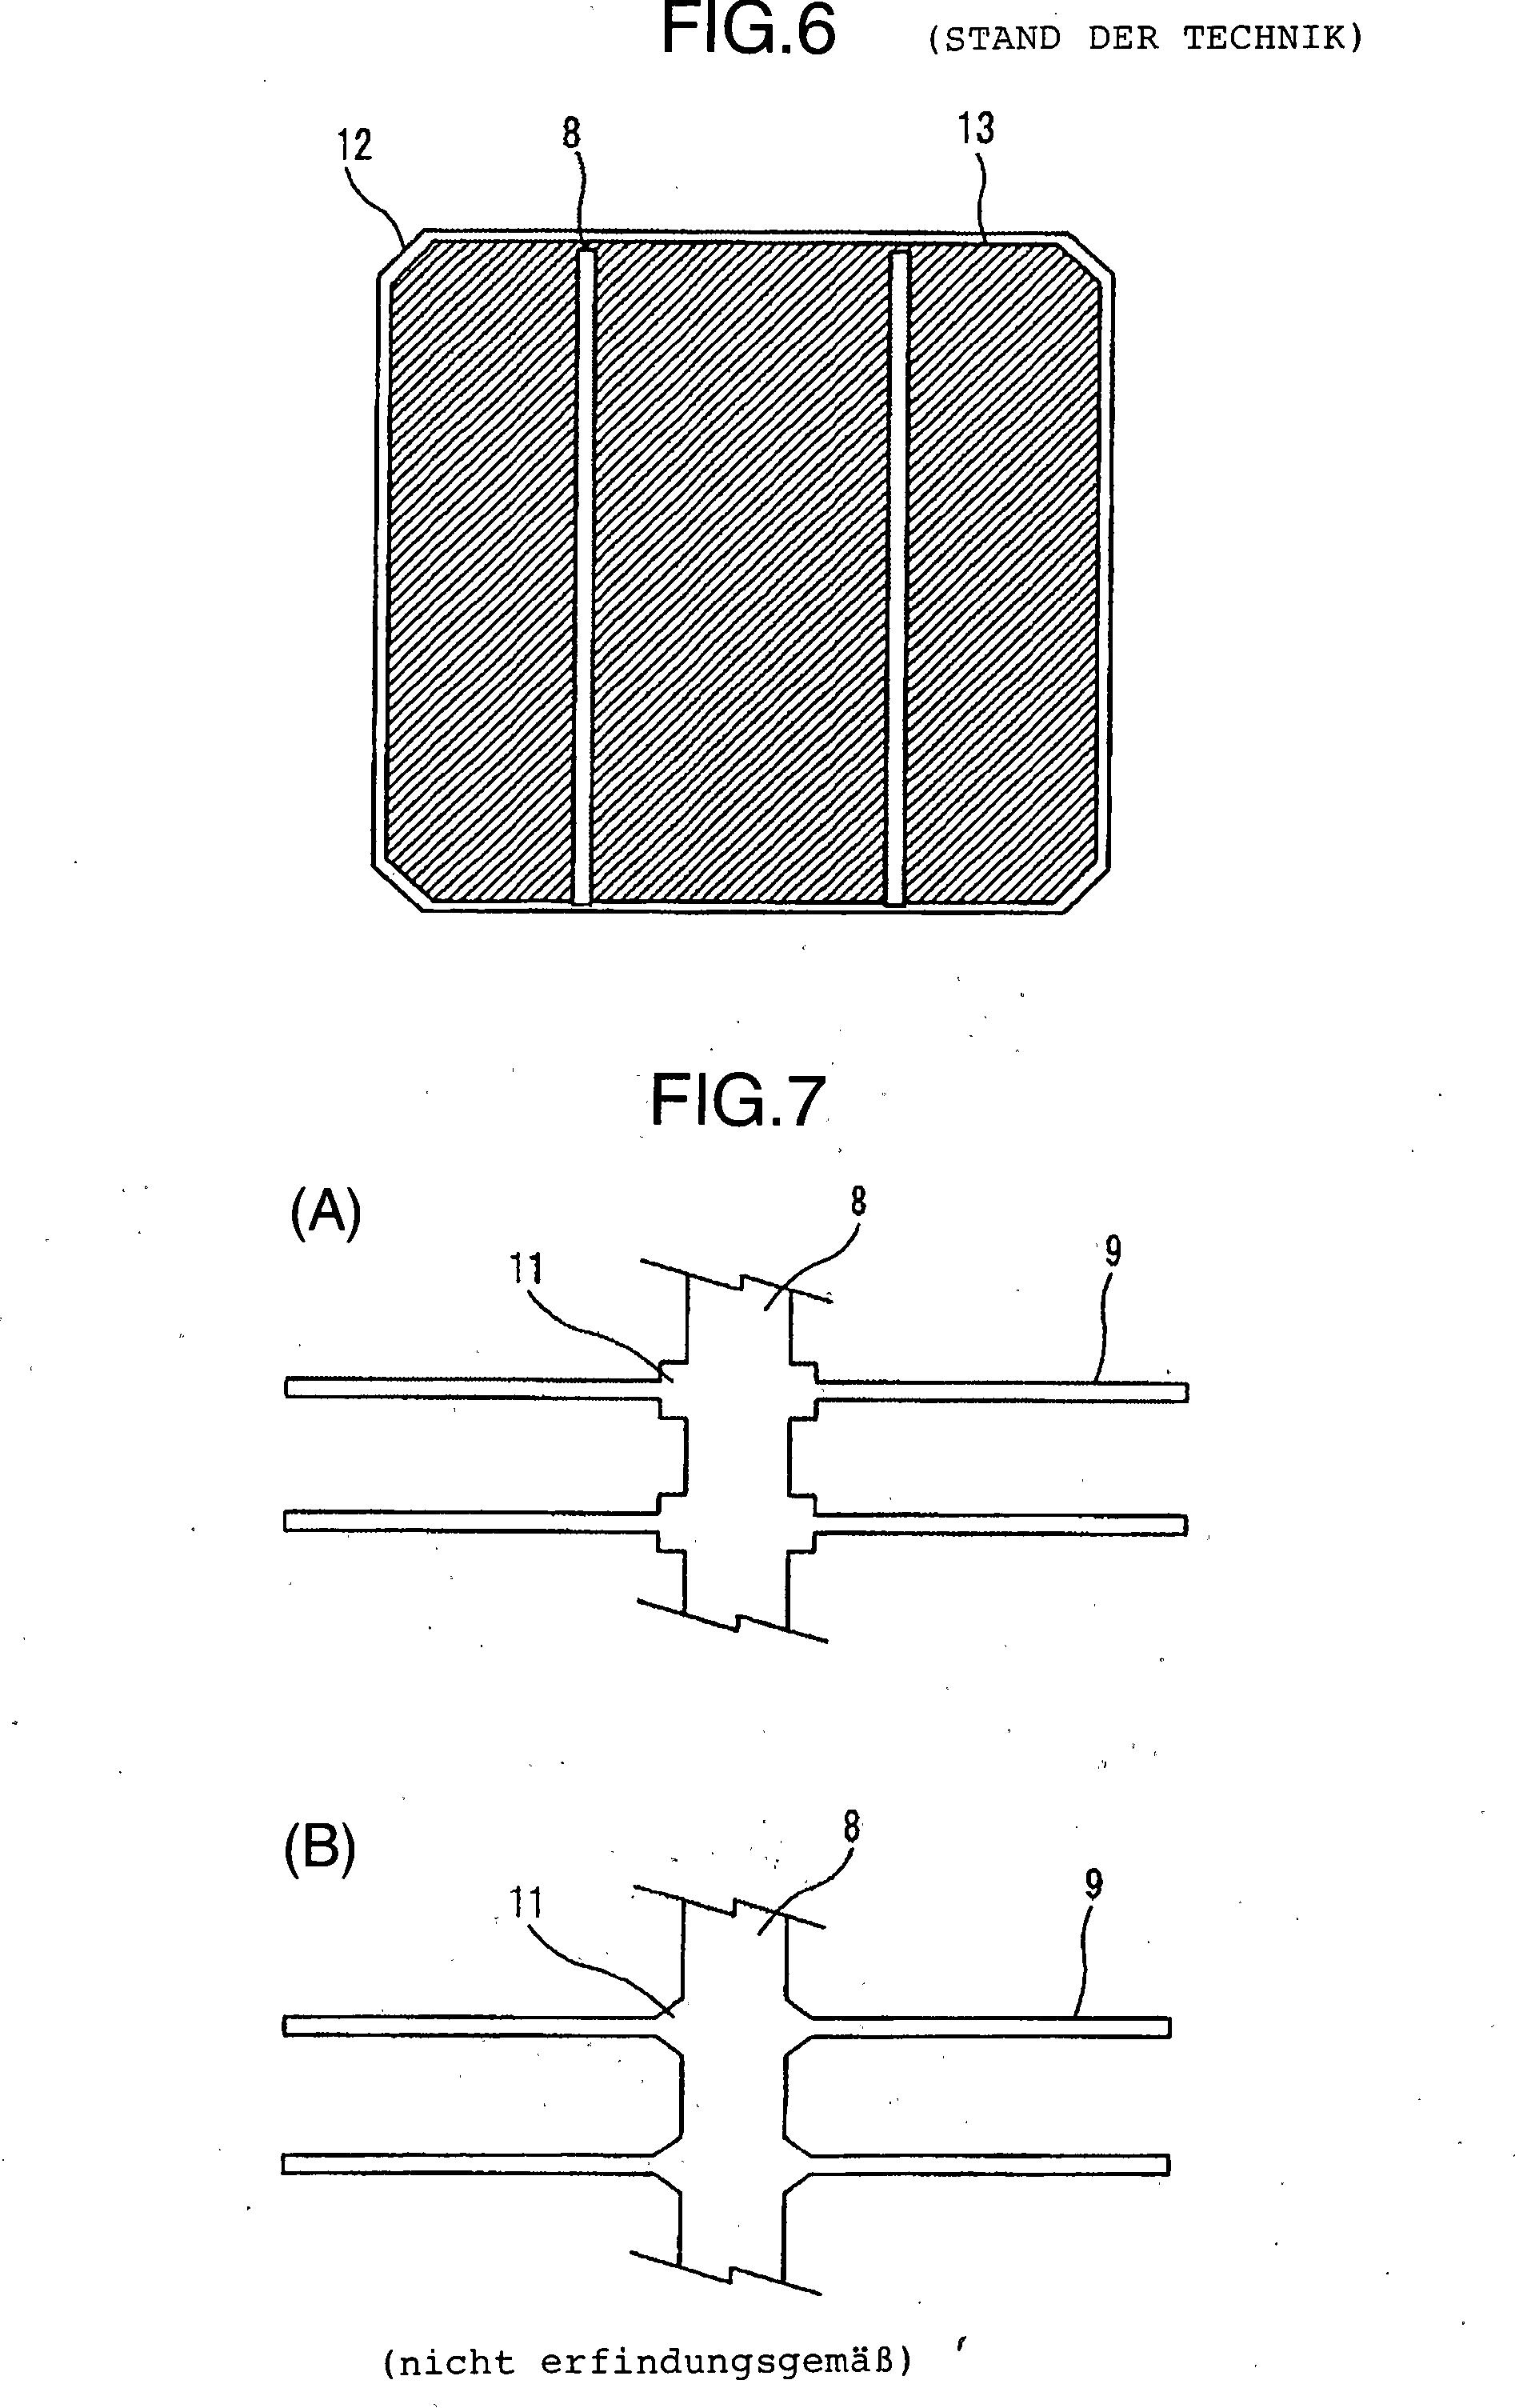 brevet de102004049160b4